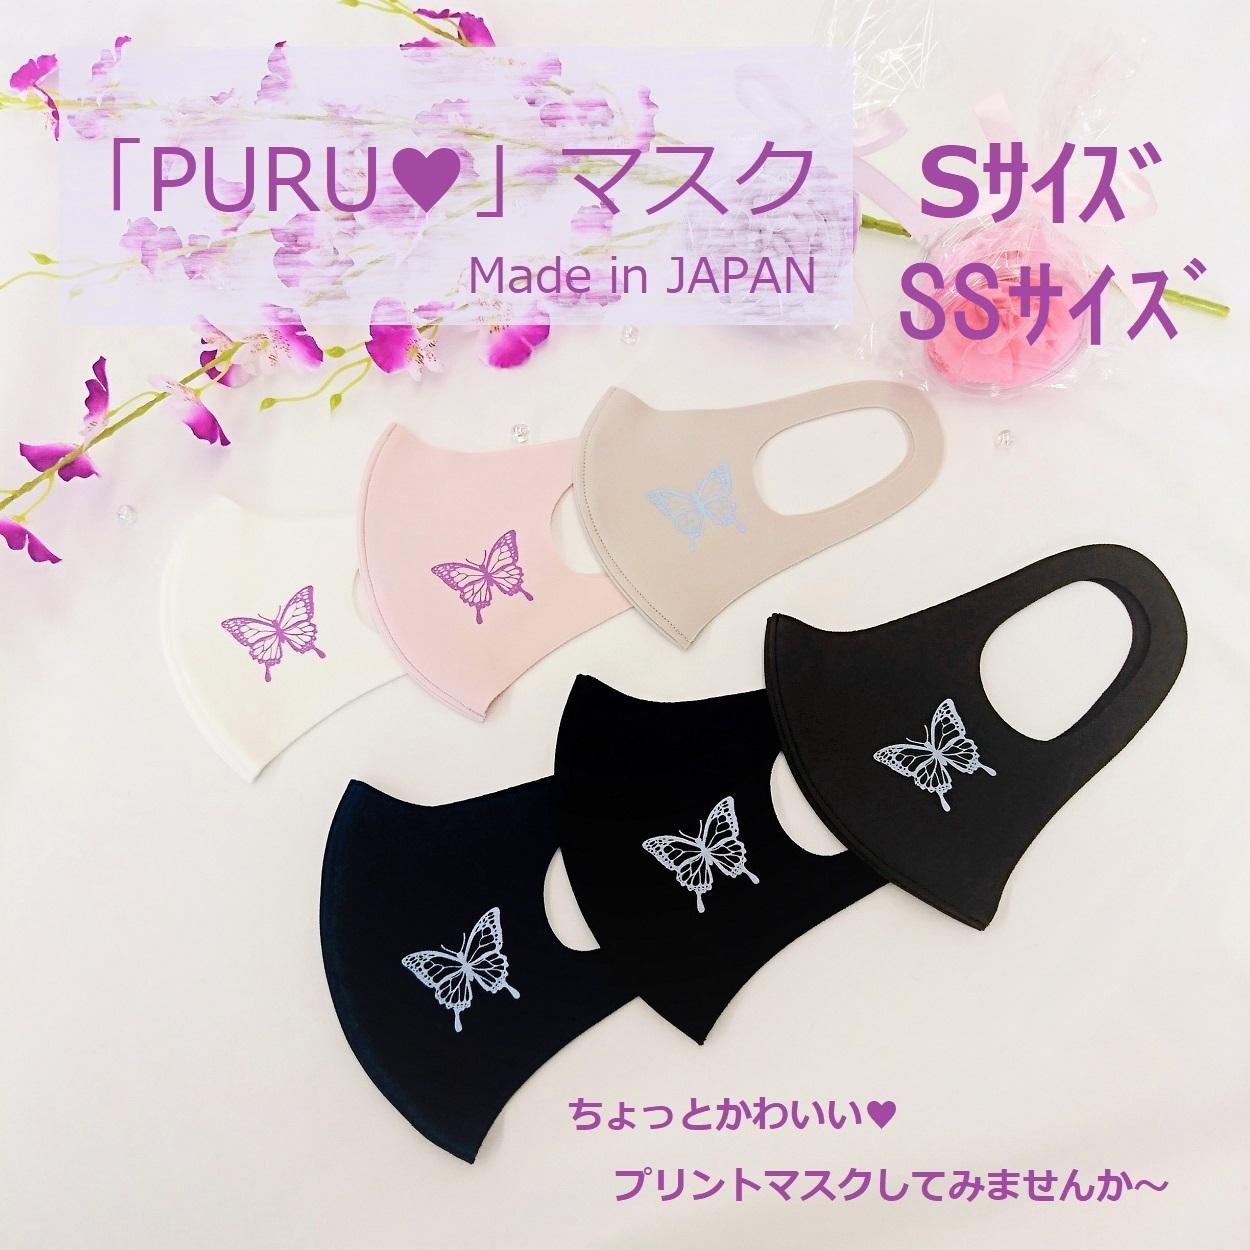 「ぷる♥」ちょうちょプリントマスク 2色2枚入り【日本製】